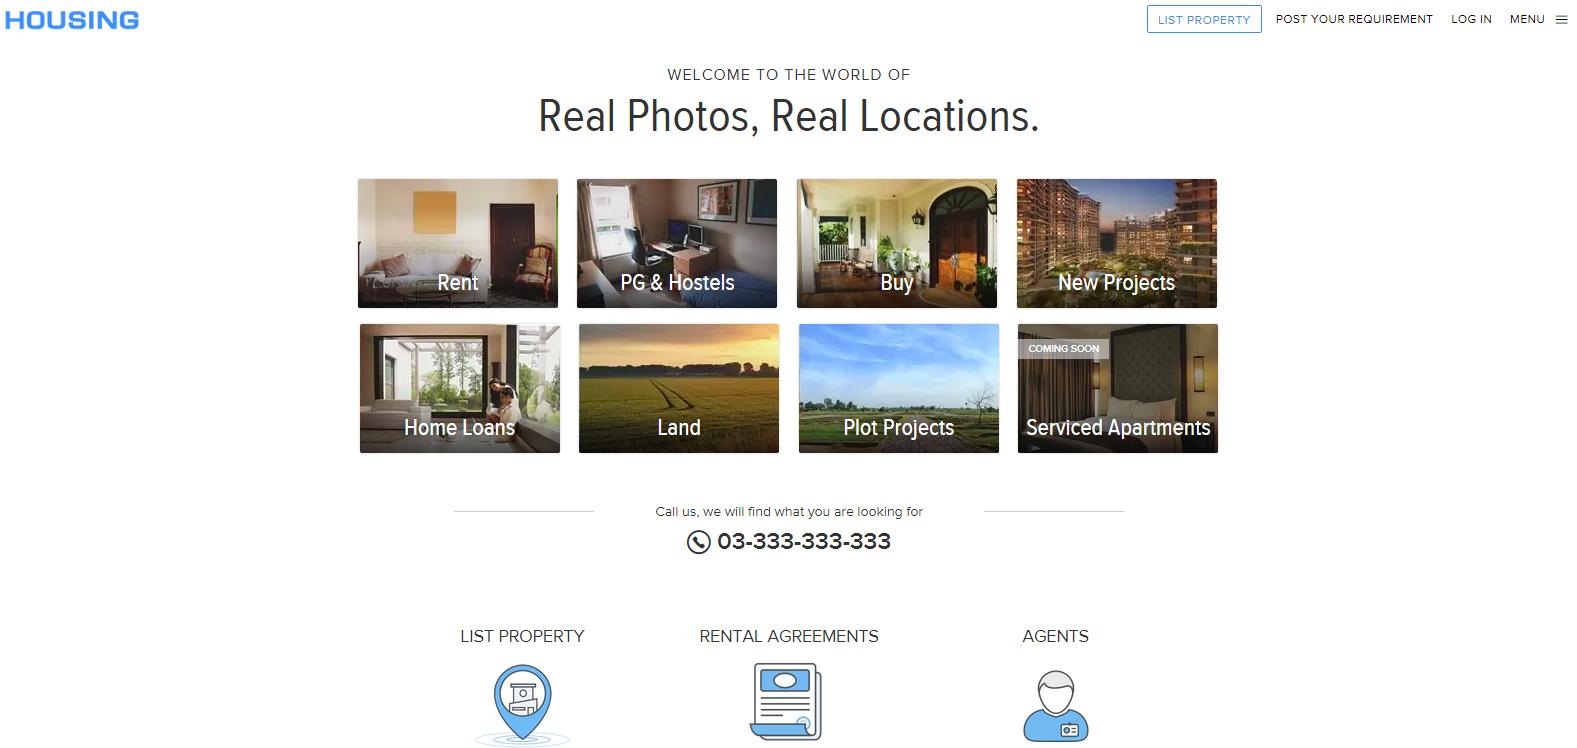 Housing.com_India